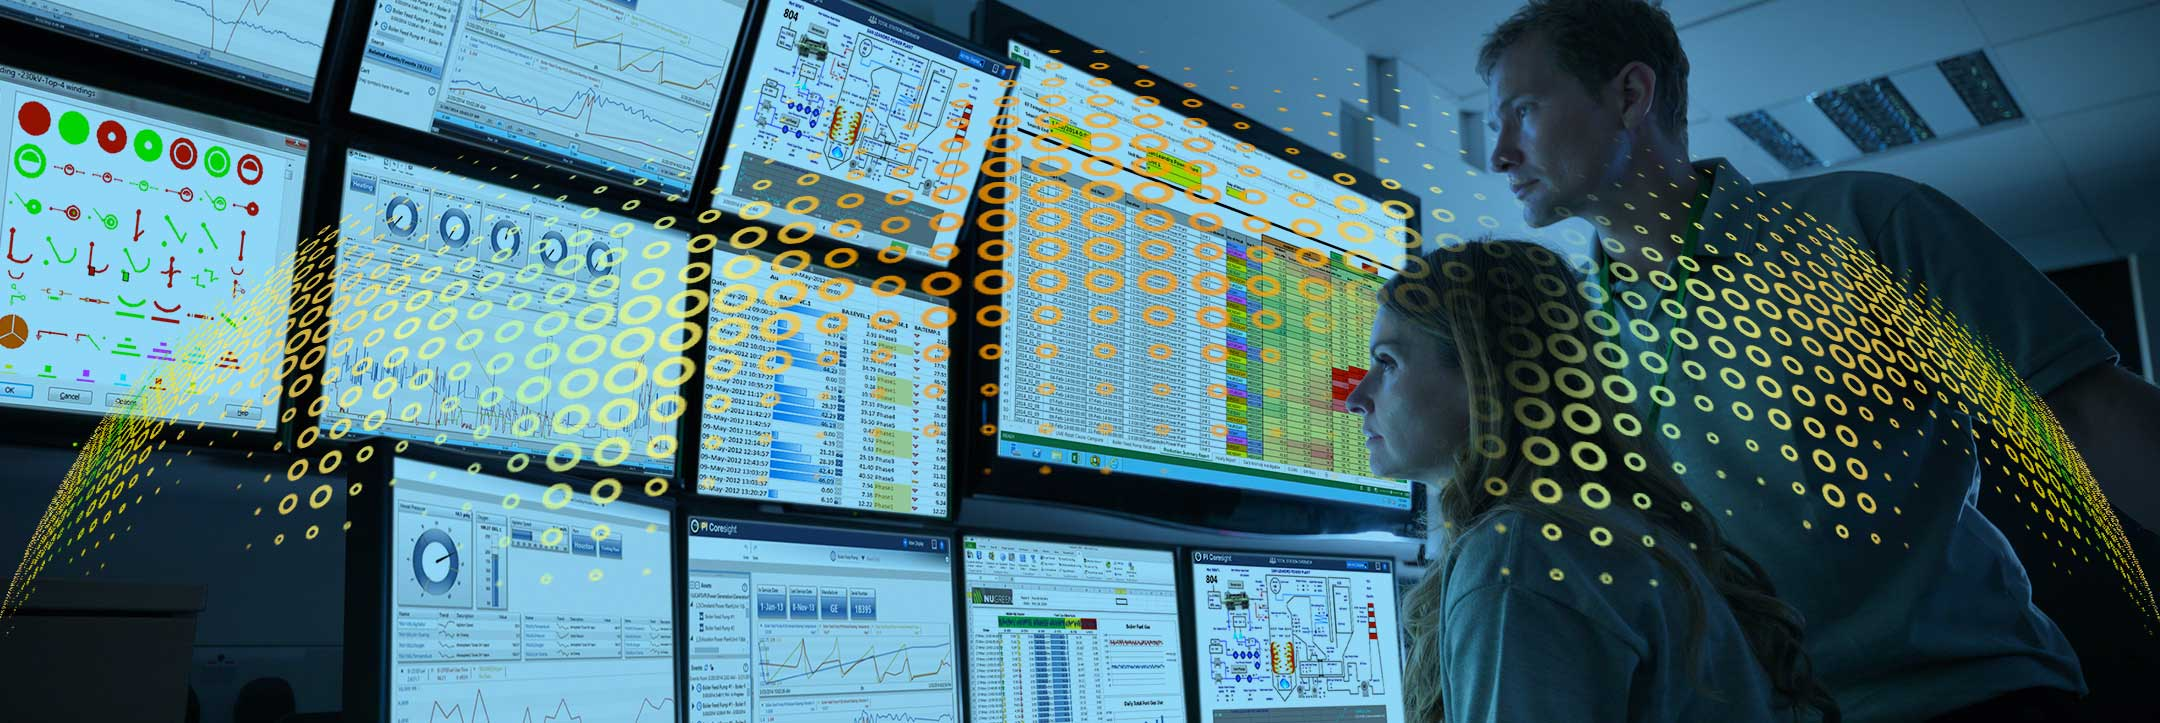 Sobre a OSIsoft - Valor da infraestrutura de dados do PI System